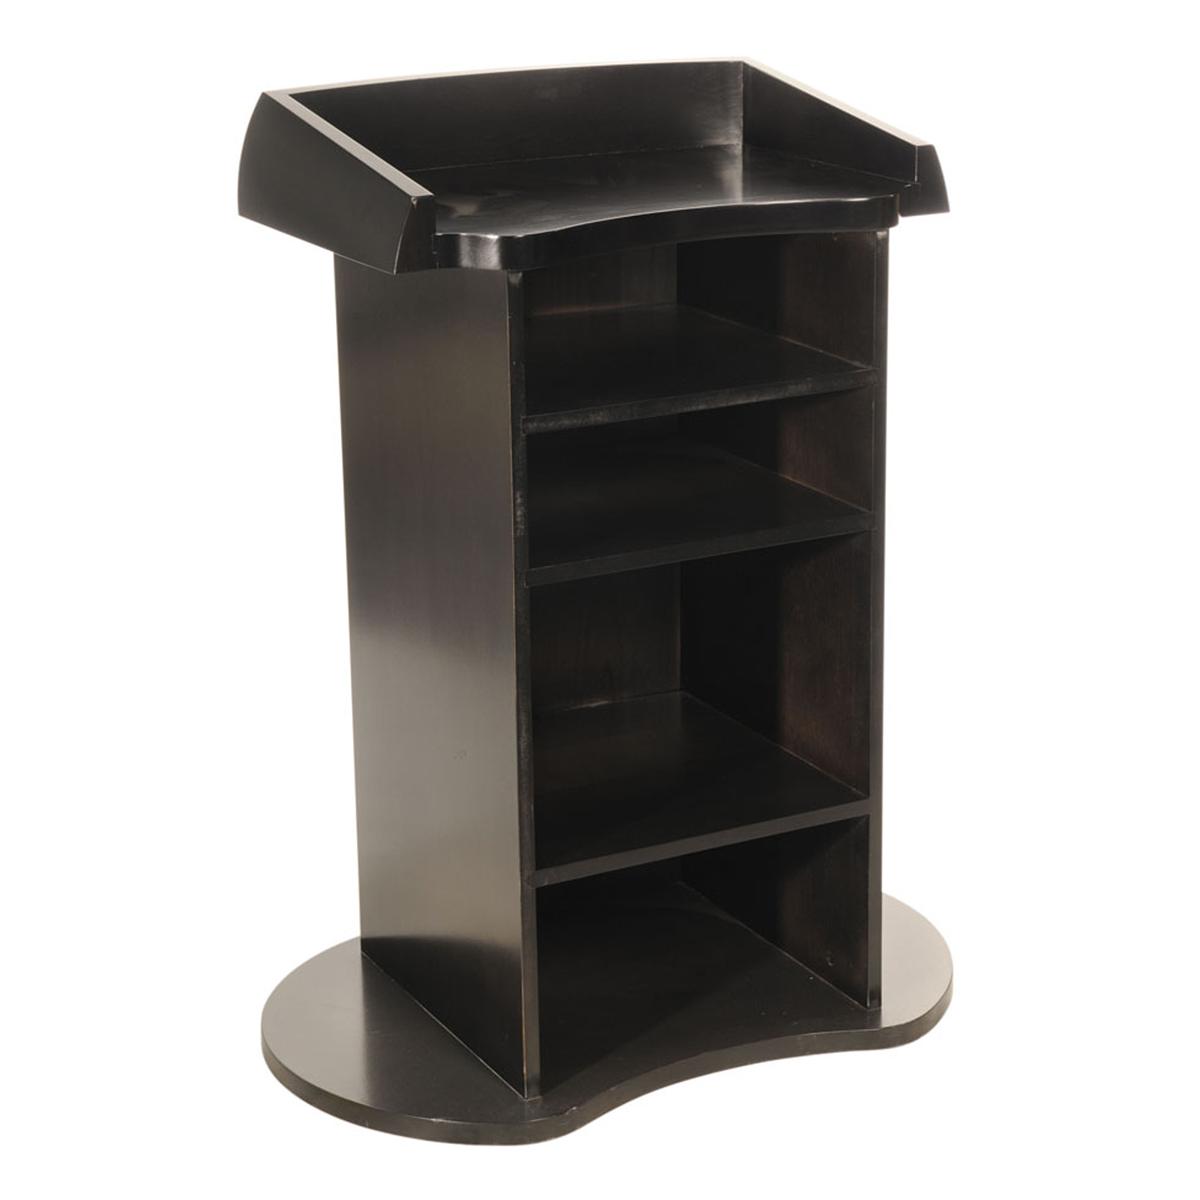 pupitre en bois noir abc location. Black Bedroom Furniture Sets. Home Design Ideas